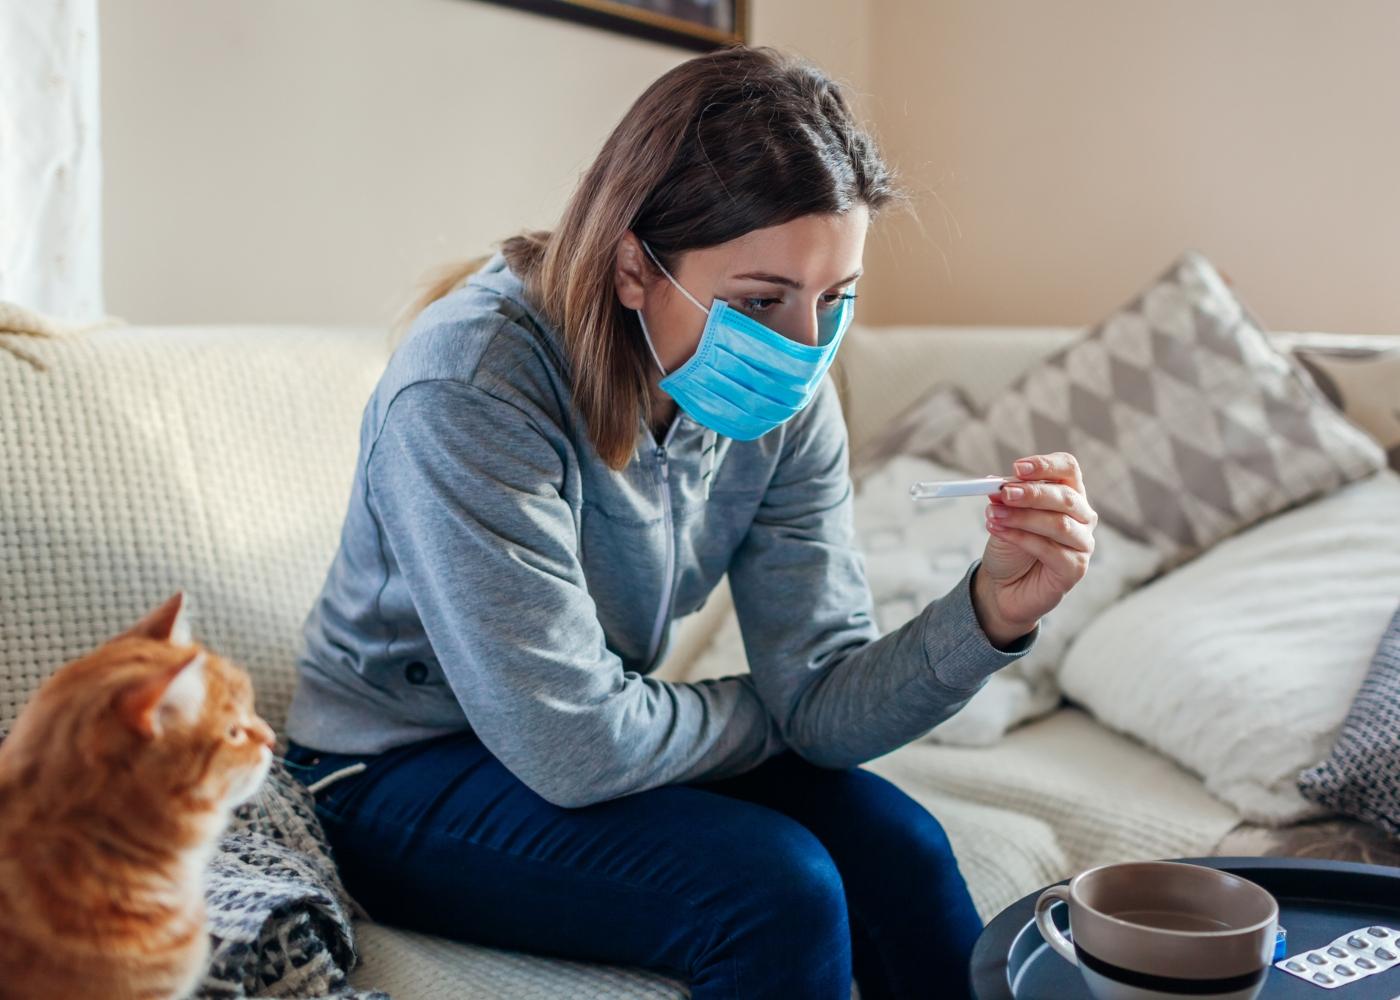 Mulher em casa com sintomas COVID-19